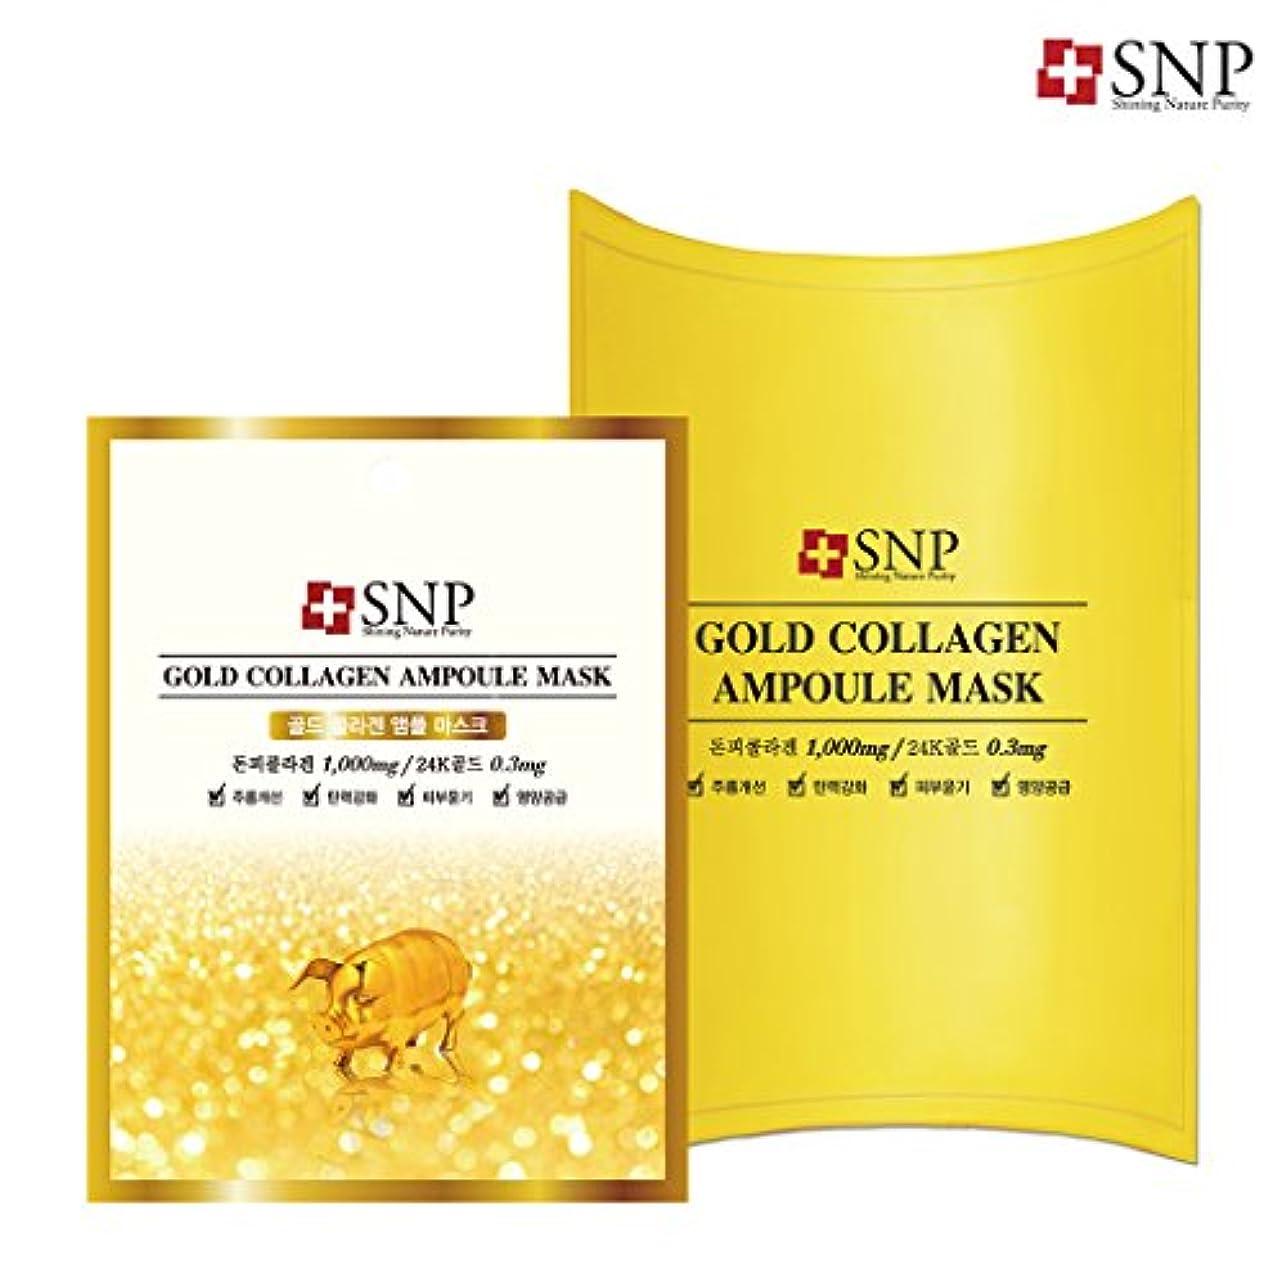 試み最適クリーナーSNP ゴールド コラーゲン アンプル マスク 10枚/GOLD COLLAGEN AMPOULE MASK 10EA[海外直送品]